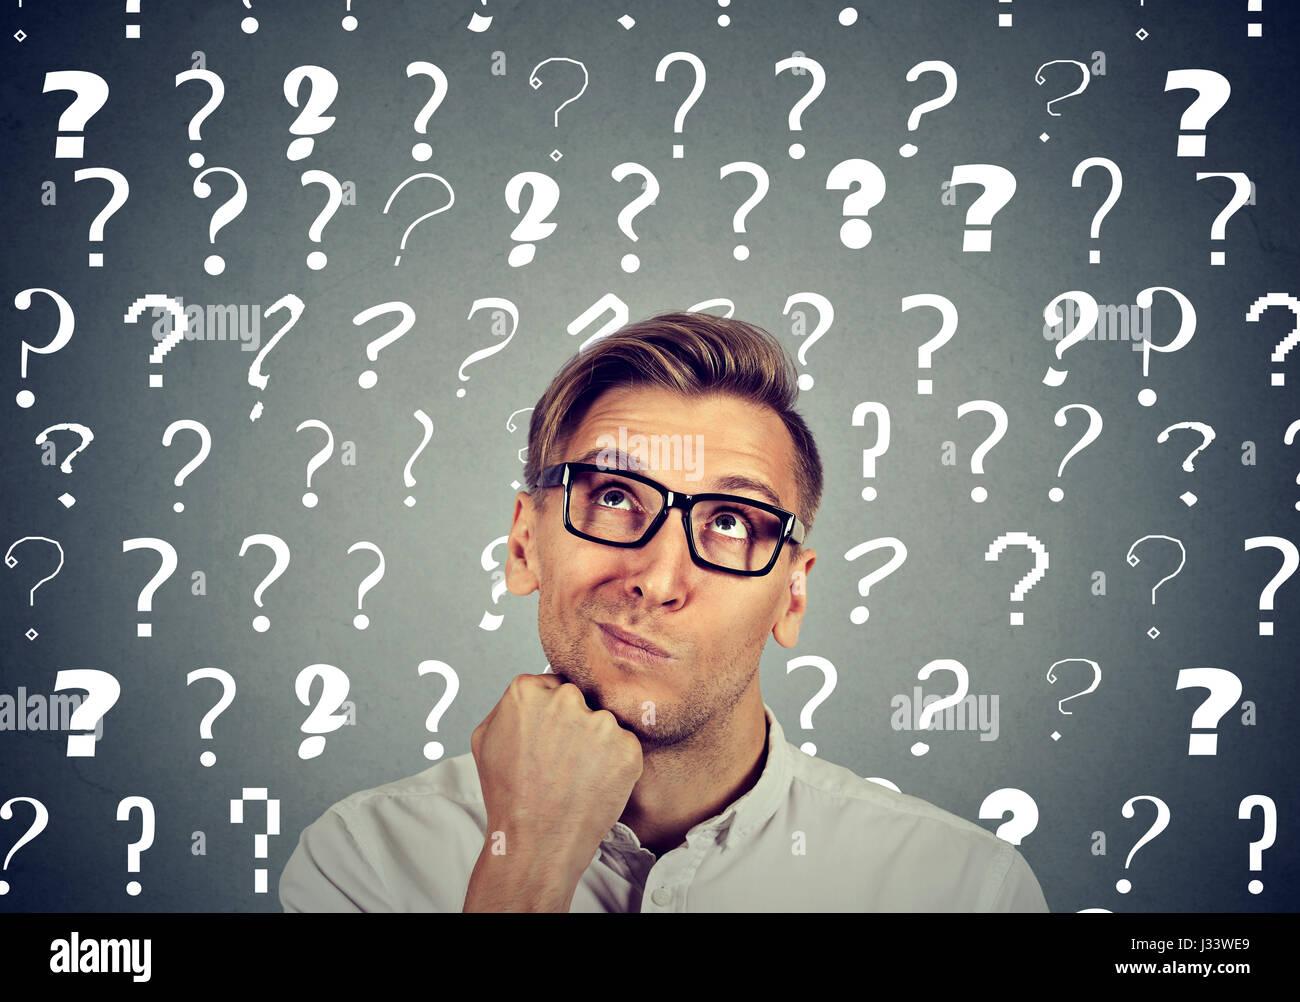 Riflessivo confuso uomo bello con gli occhiali ha troppe domande e nessuna risposta Immagini Stock